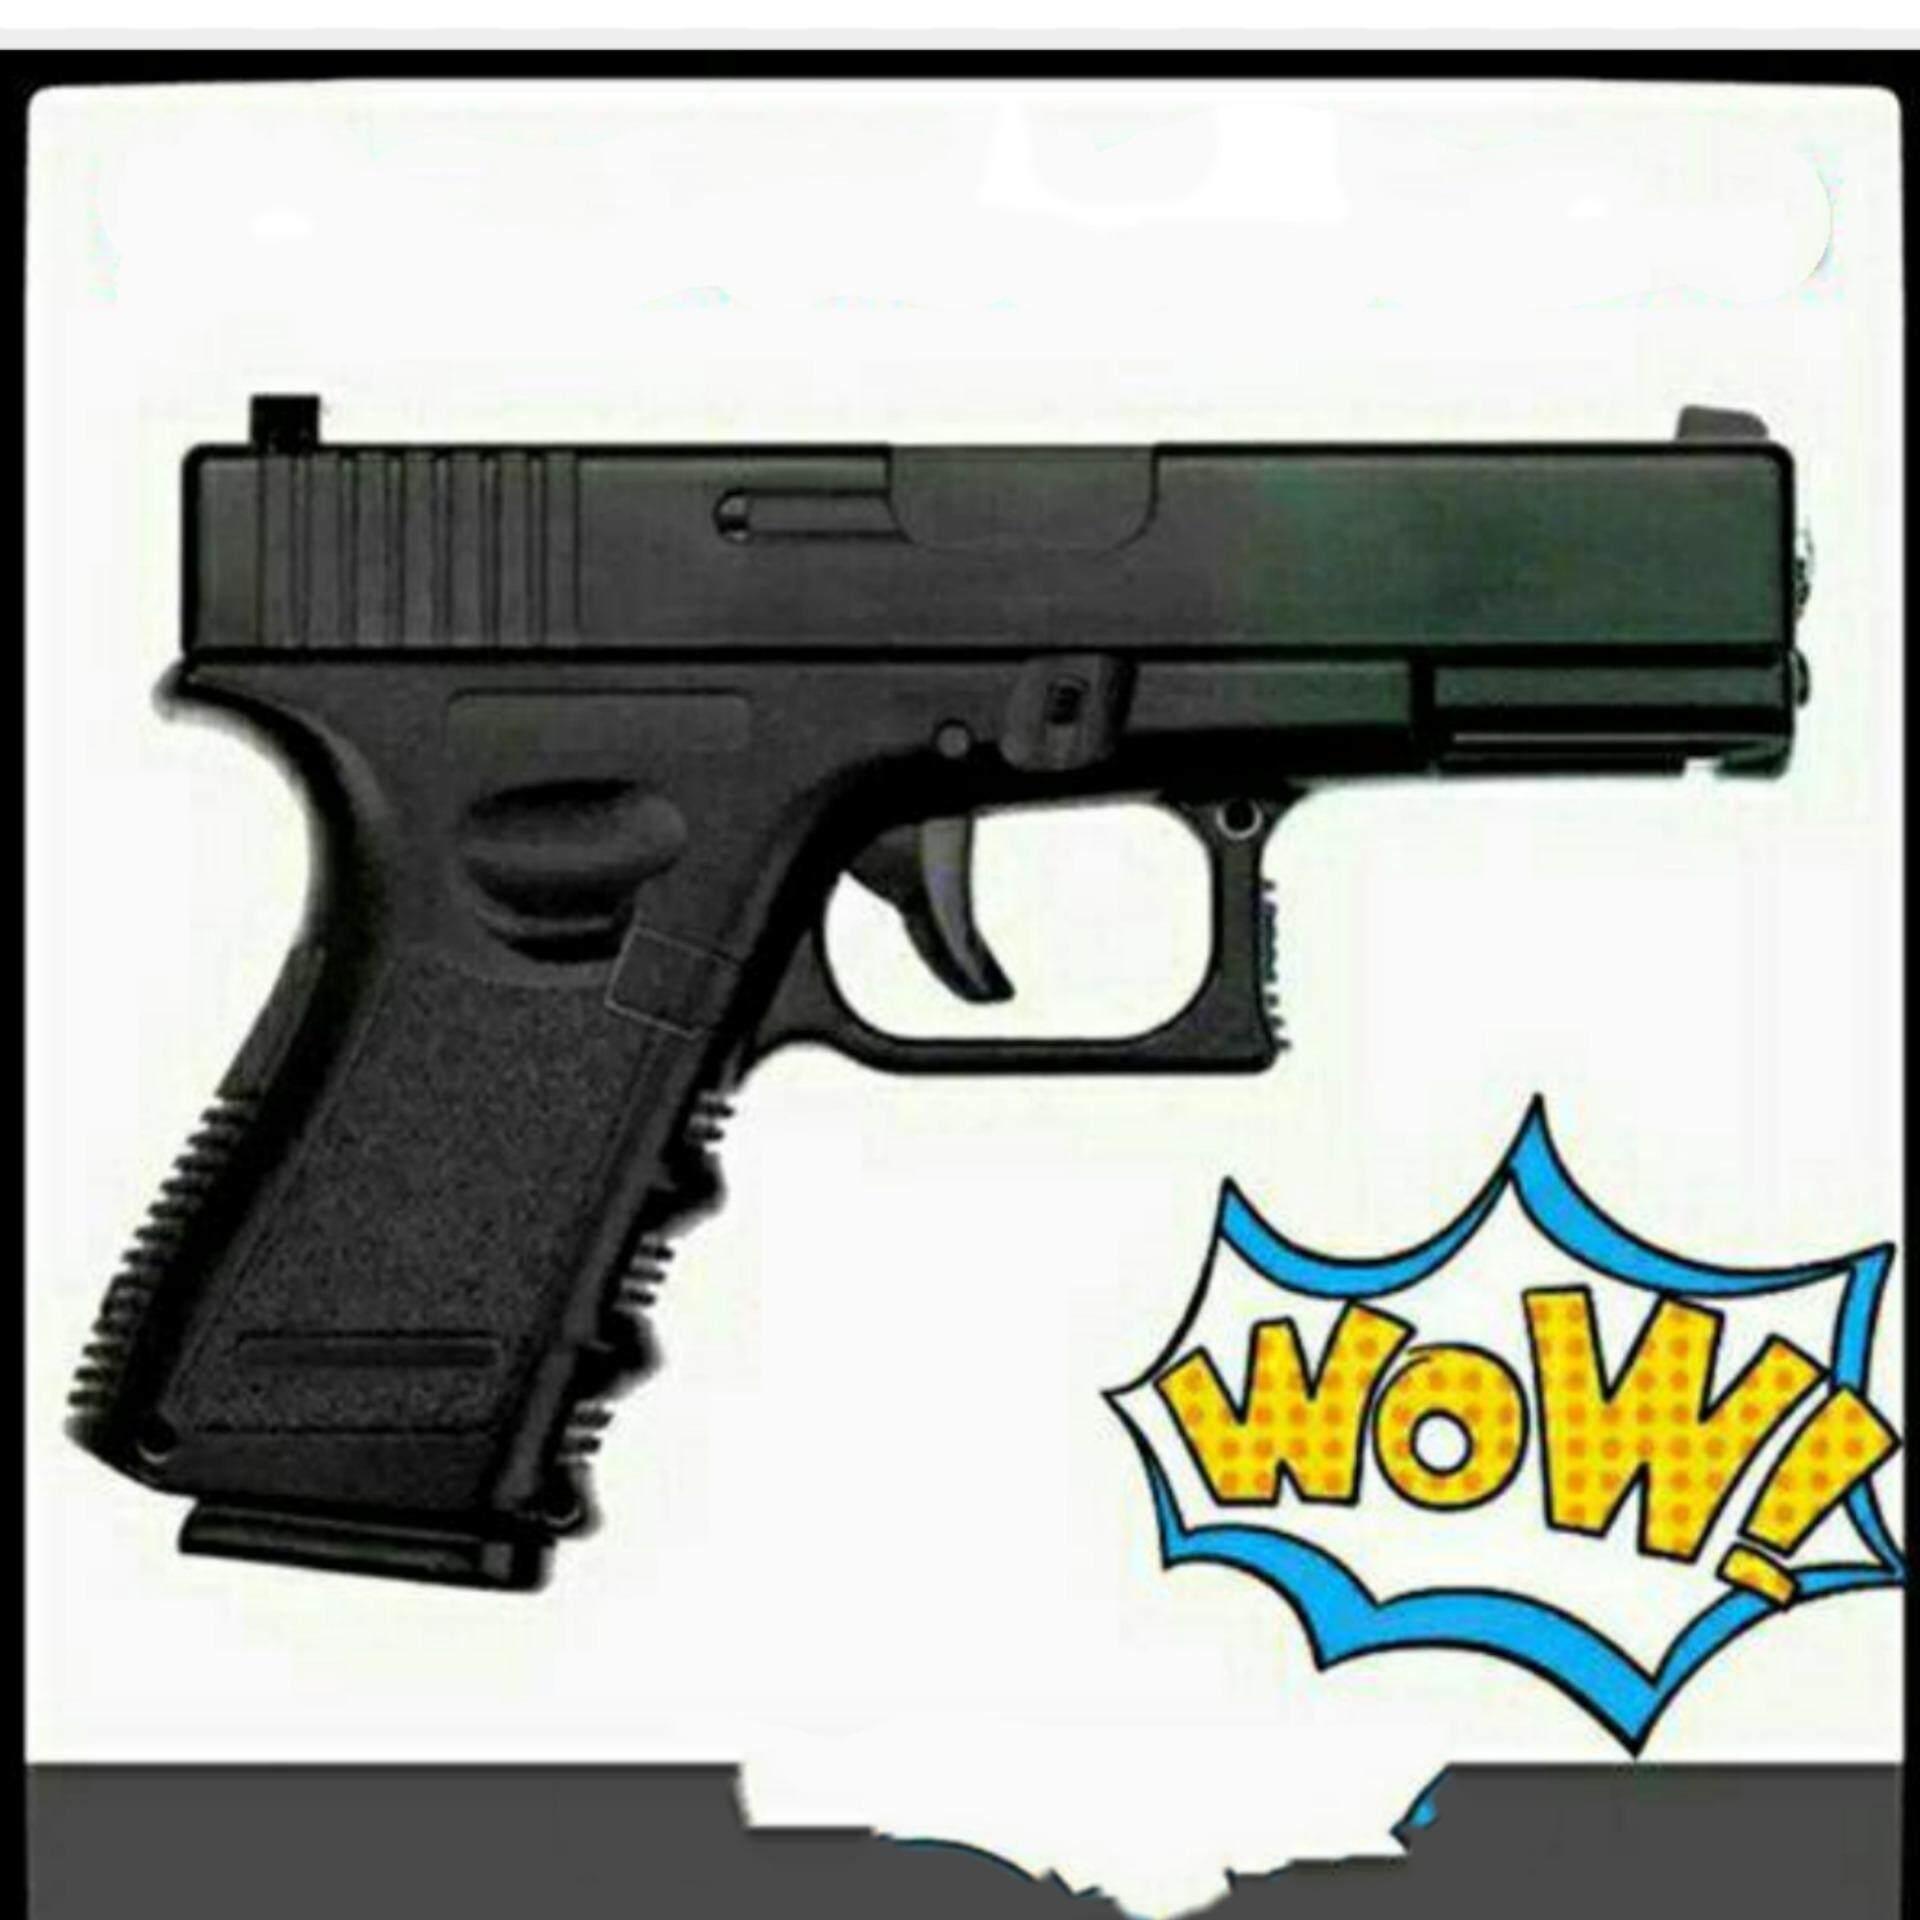 ปืนอัดลมยาว Glock G-17 ชักยิงทีละนัด บอดี้พลาสติก Abs สวย เนียน คล้ายของจริง.